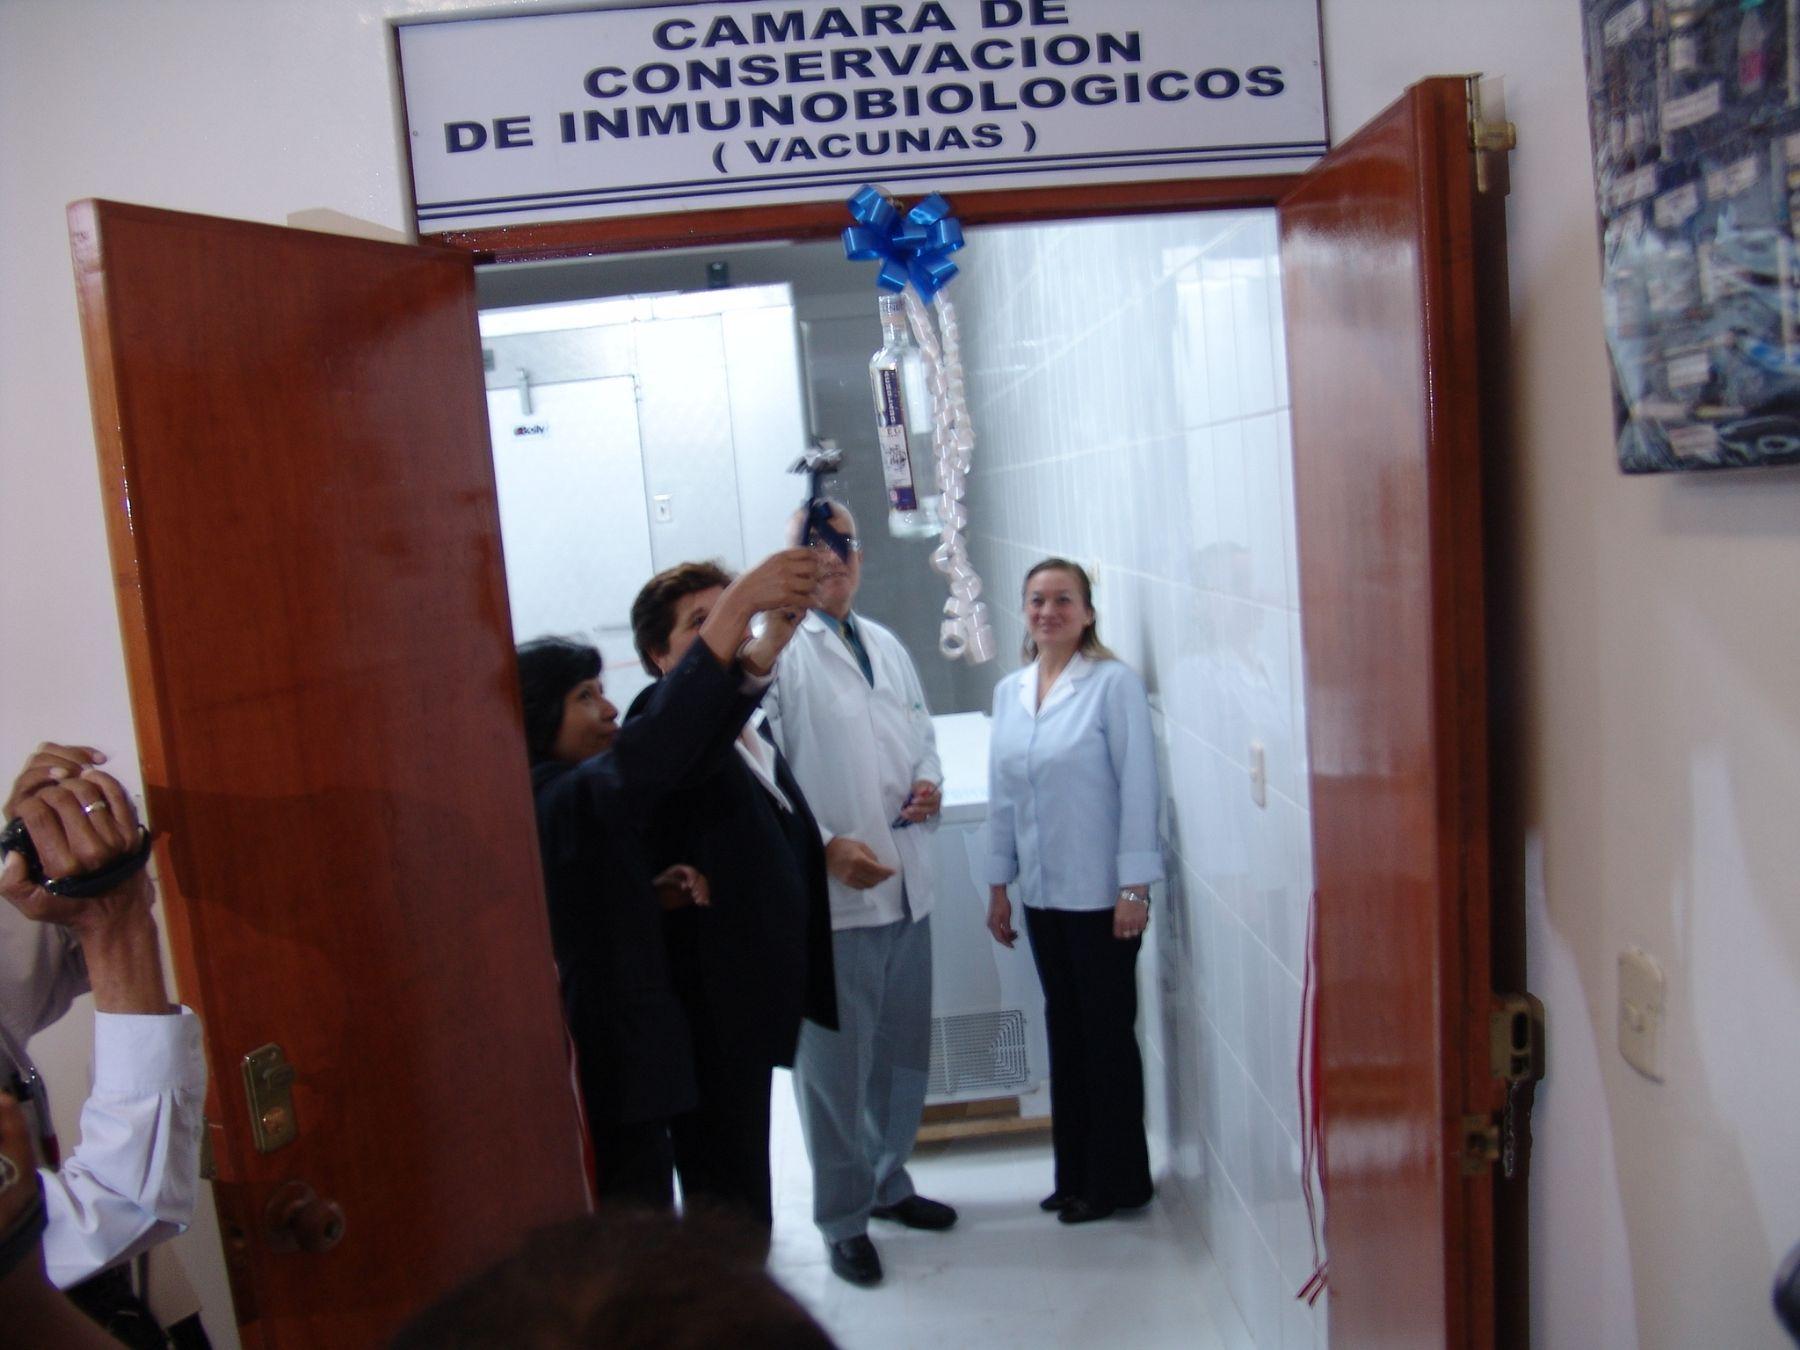 Tacna, Perú - Noviembre 9. Inauguración de cámara de almacenamiento de vacunas.